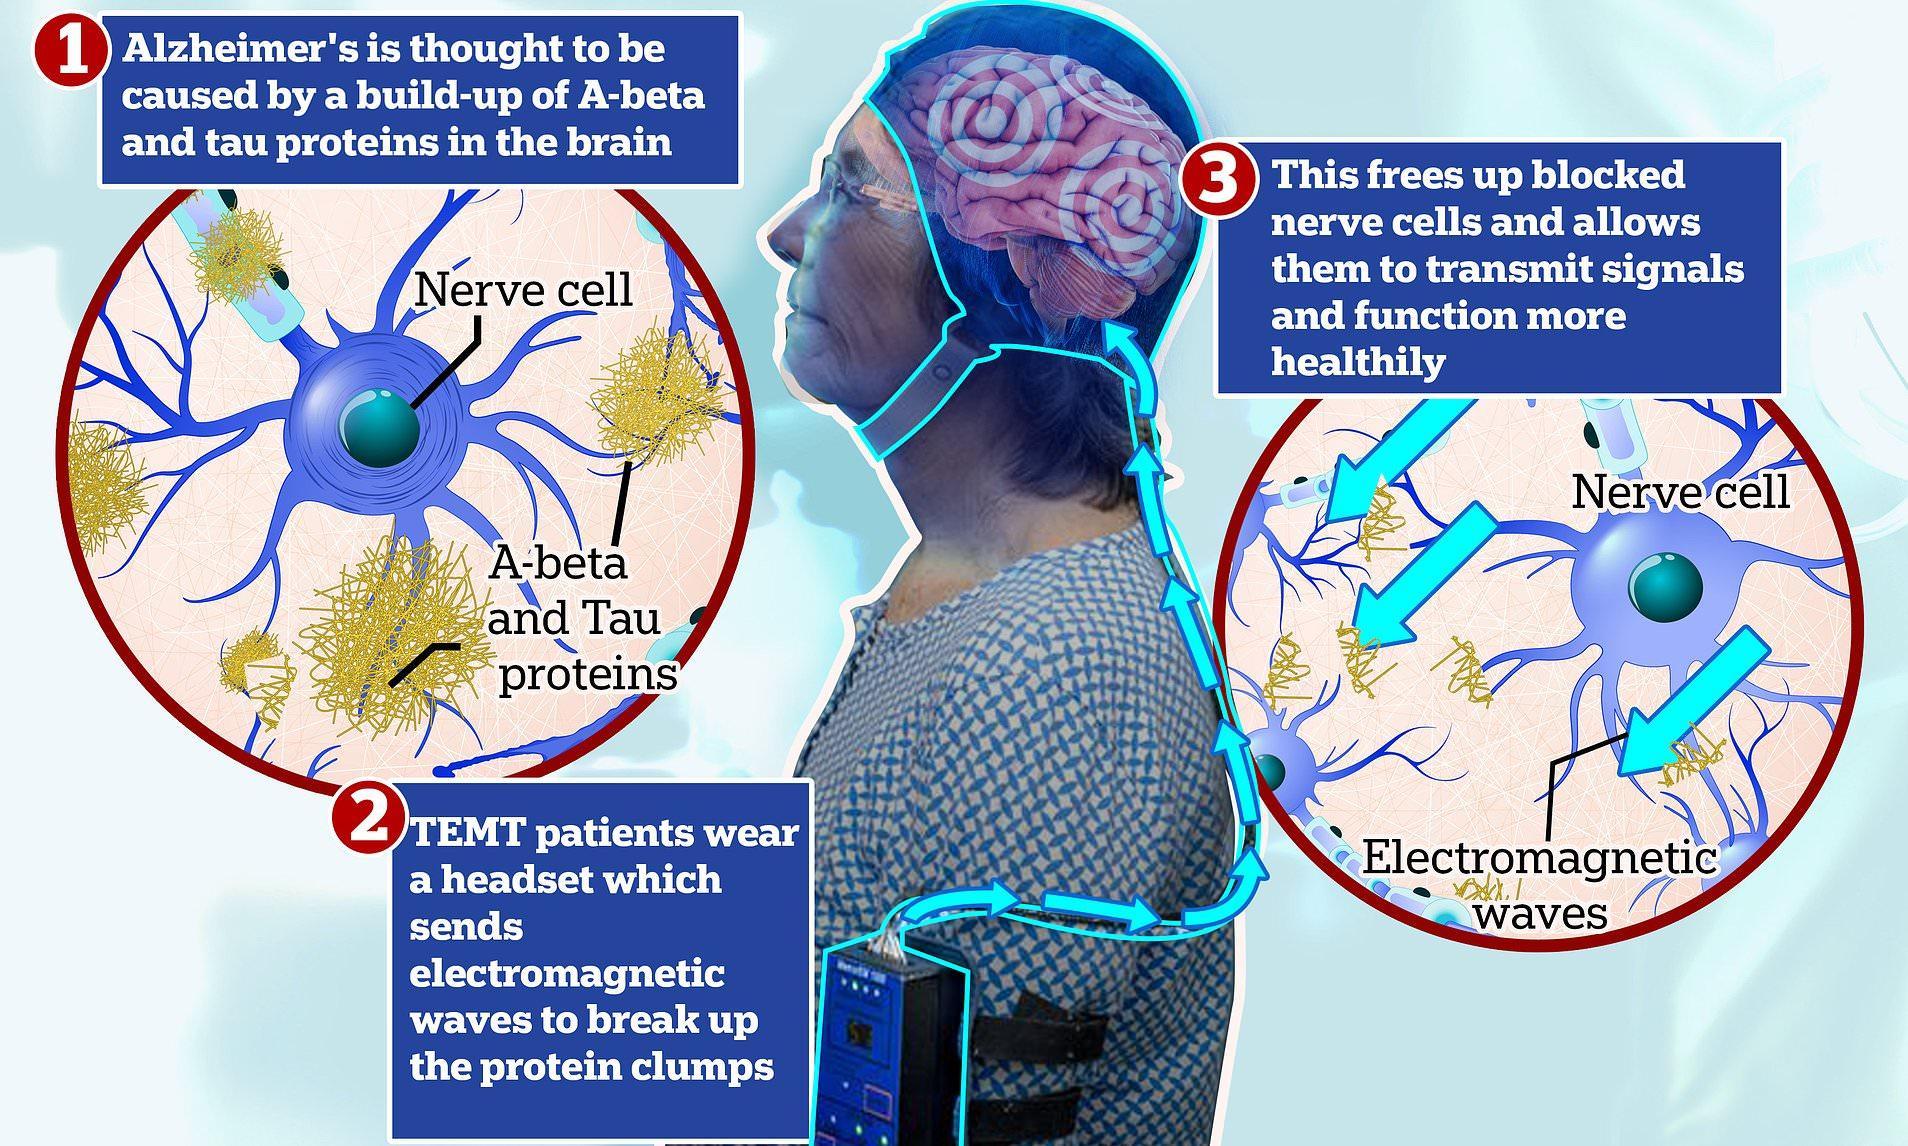 Транскраниальная стимуляция повернула болезнь Альцгеймера вспять